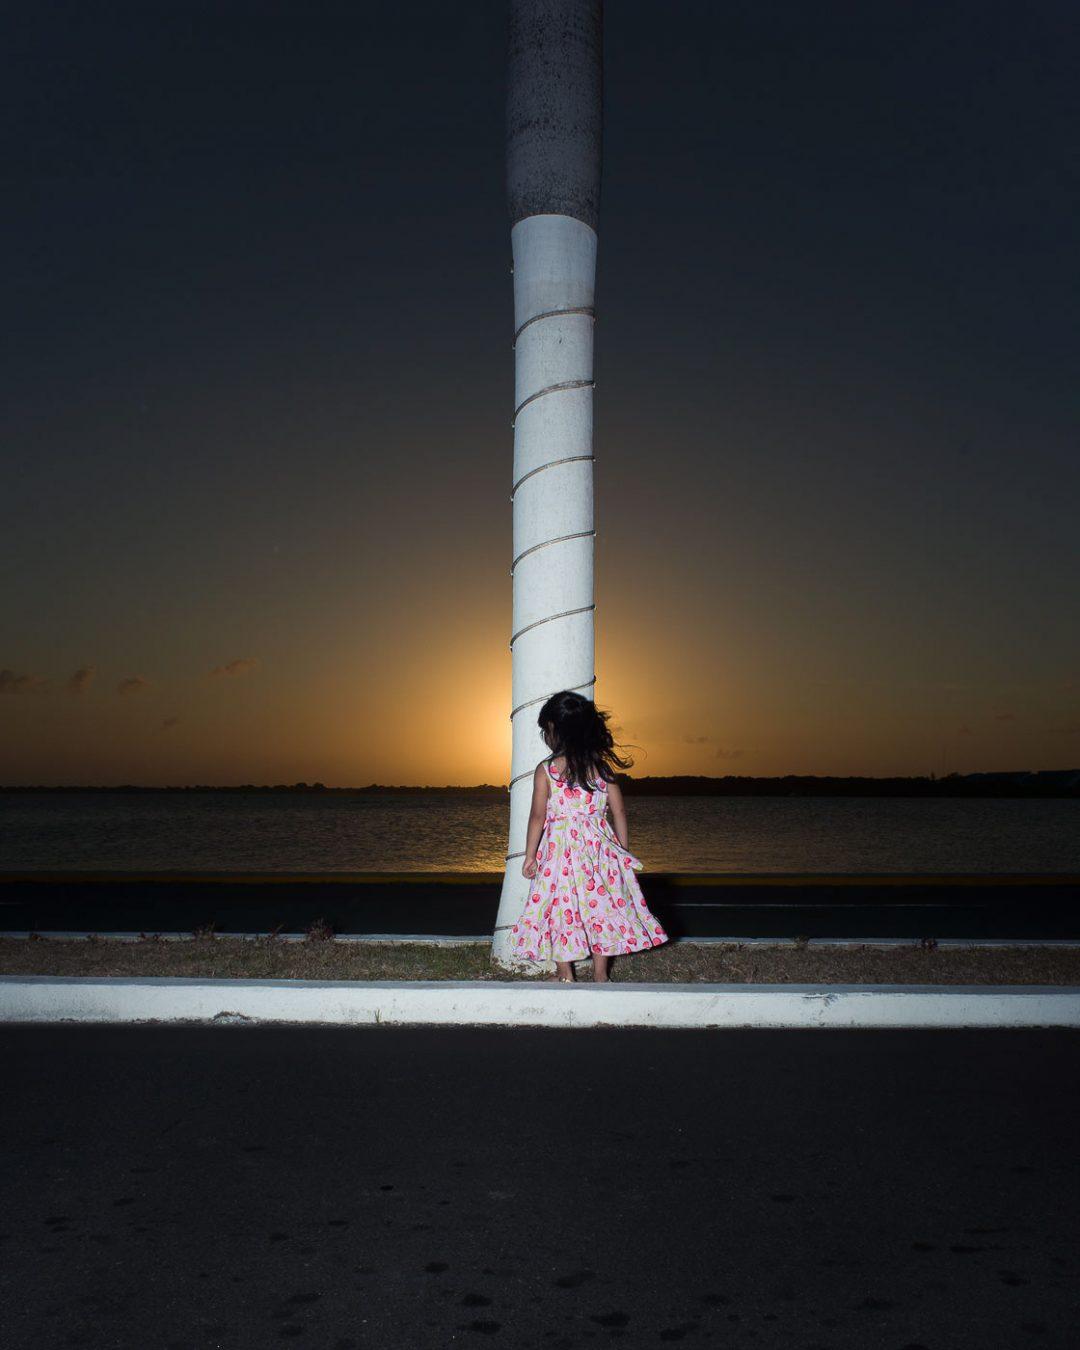 समुद्र तट पर ट्रंक में छोटी लड़की